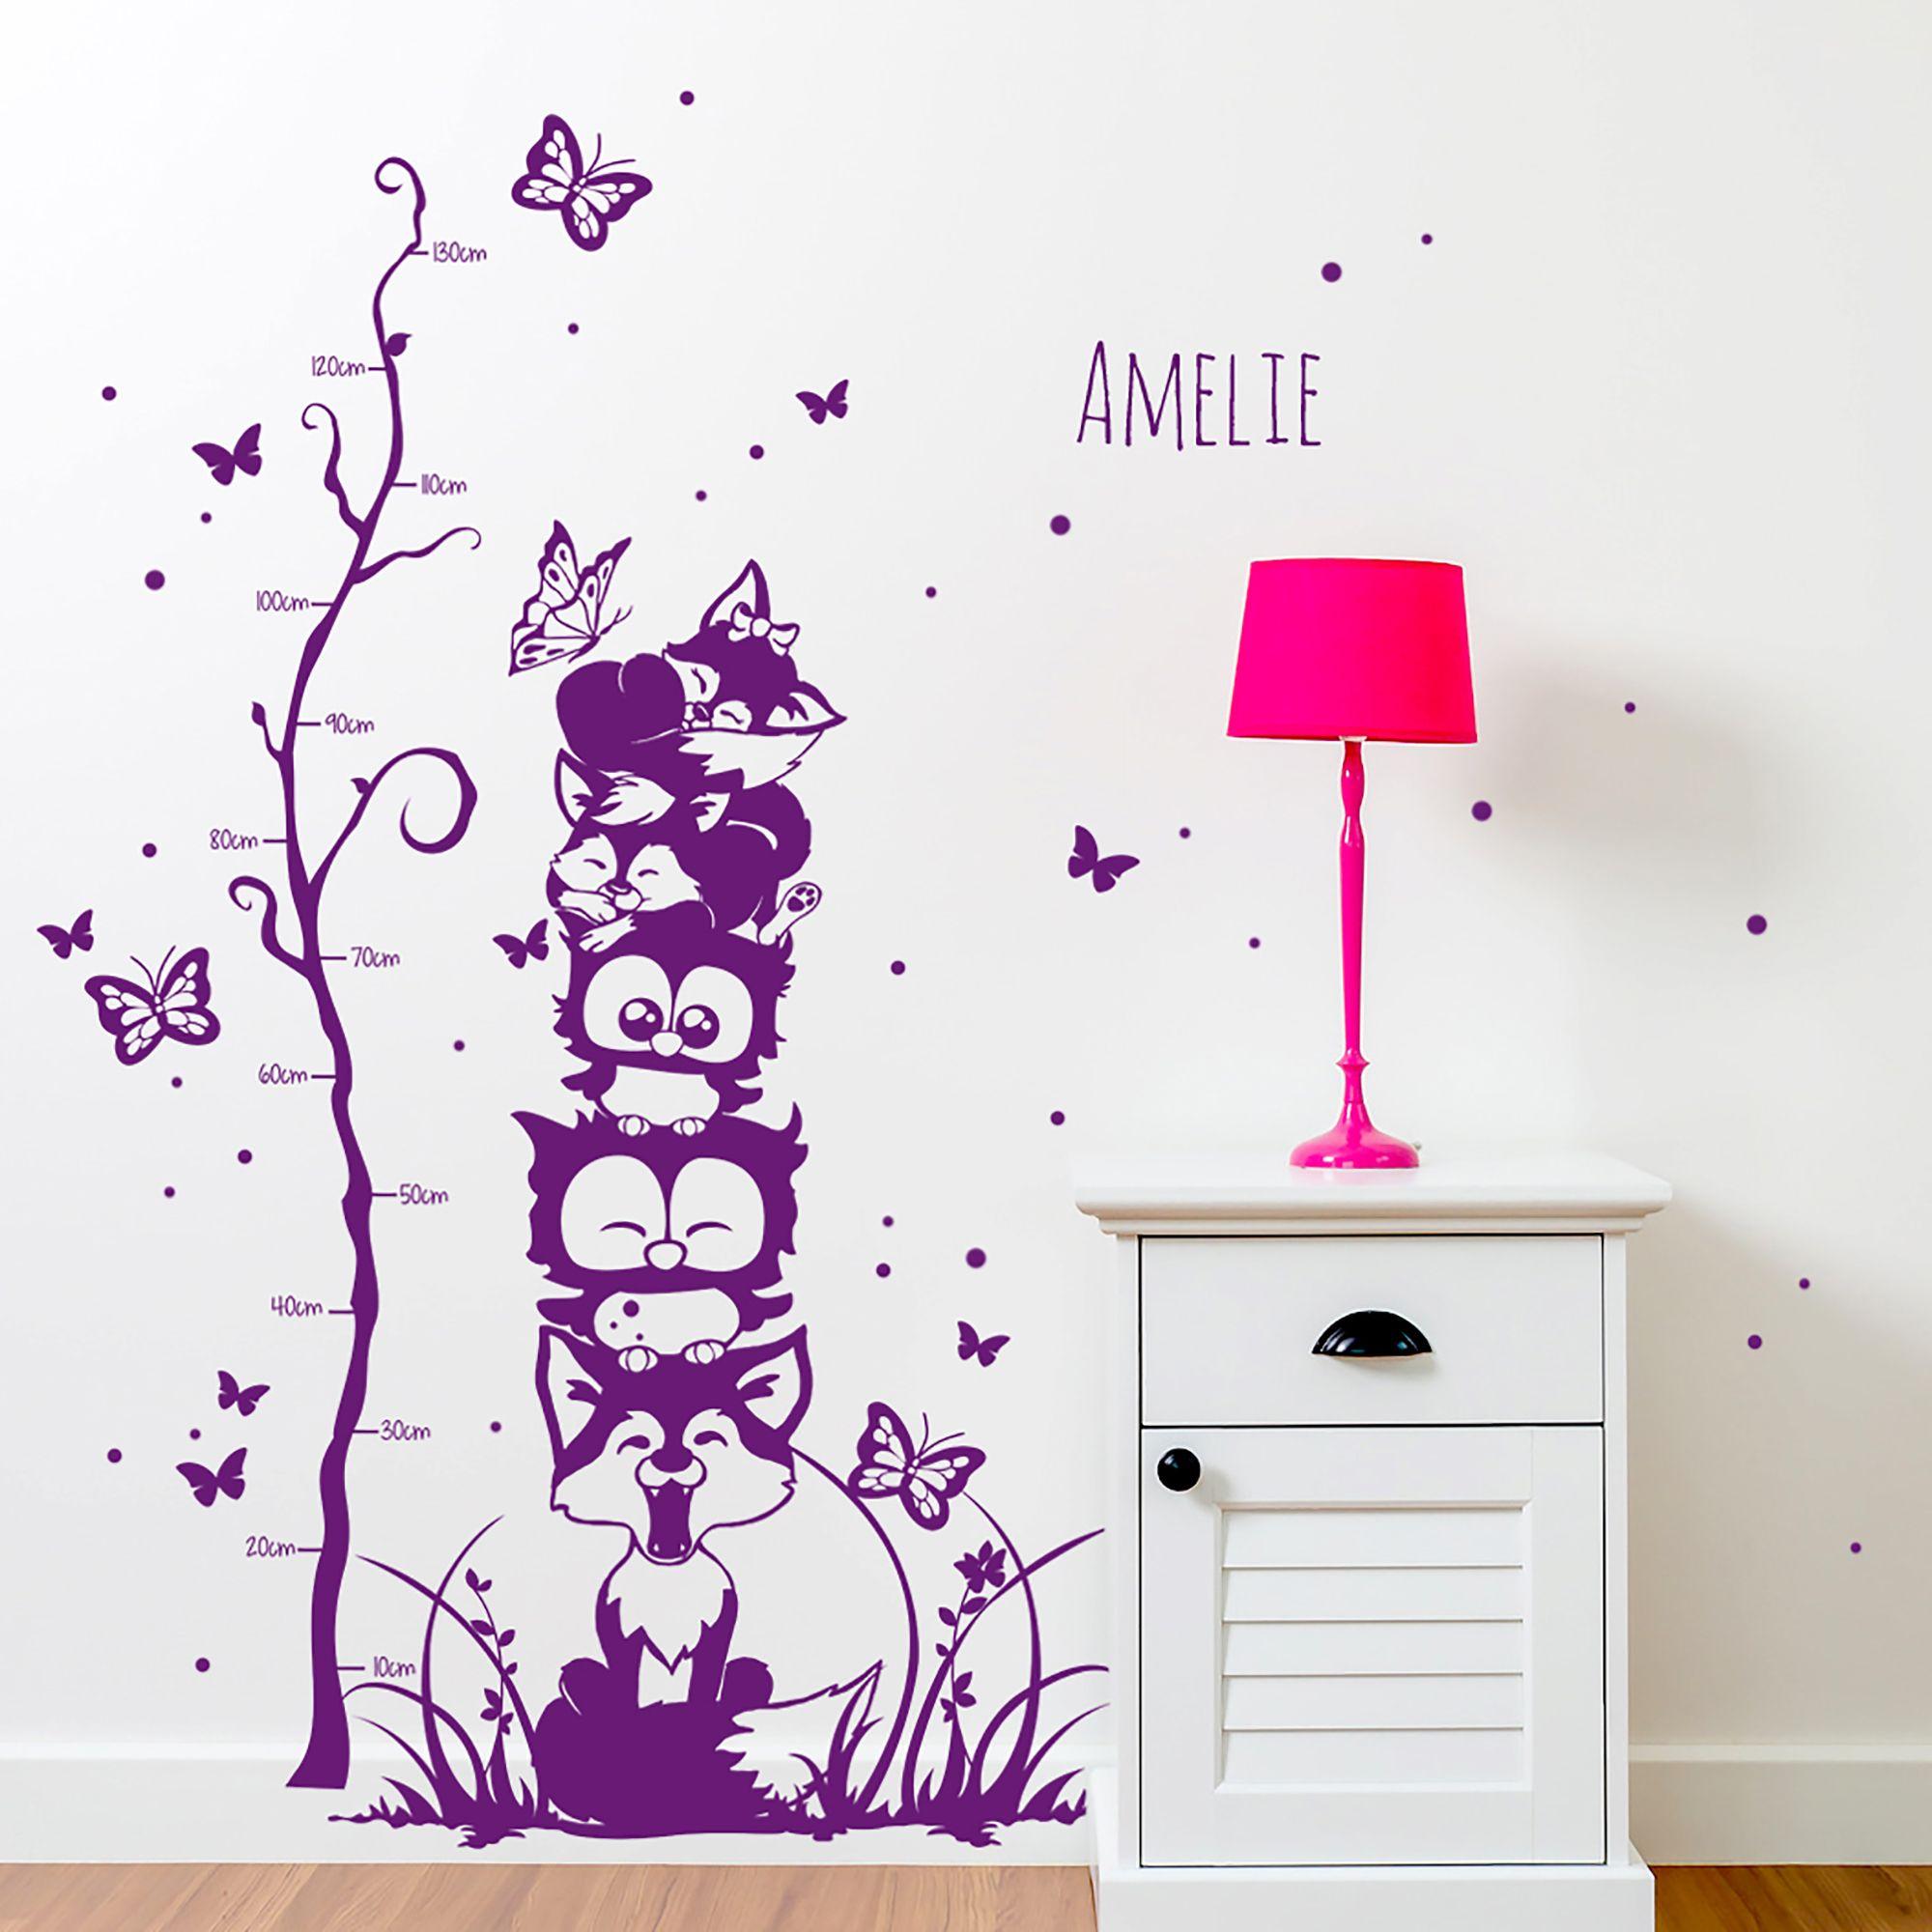 Pin von deinewandkunst.de auf Wandtattoo Eulen | Pinterest ...